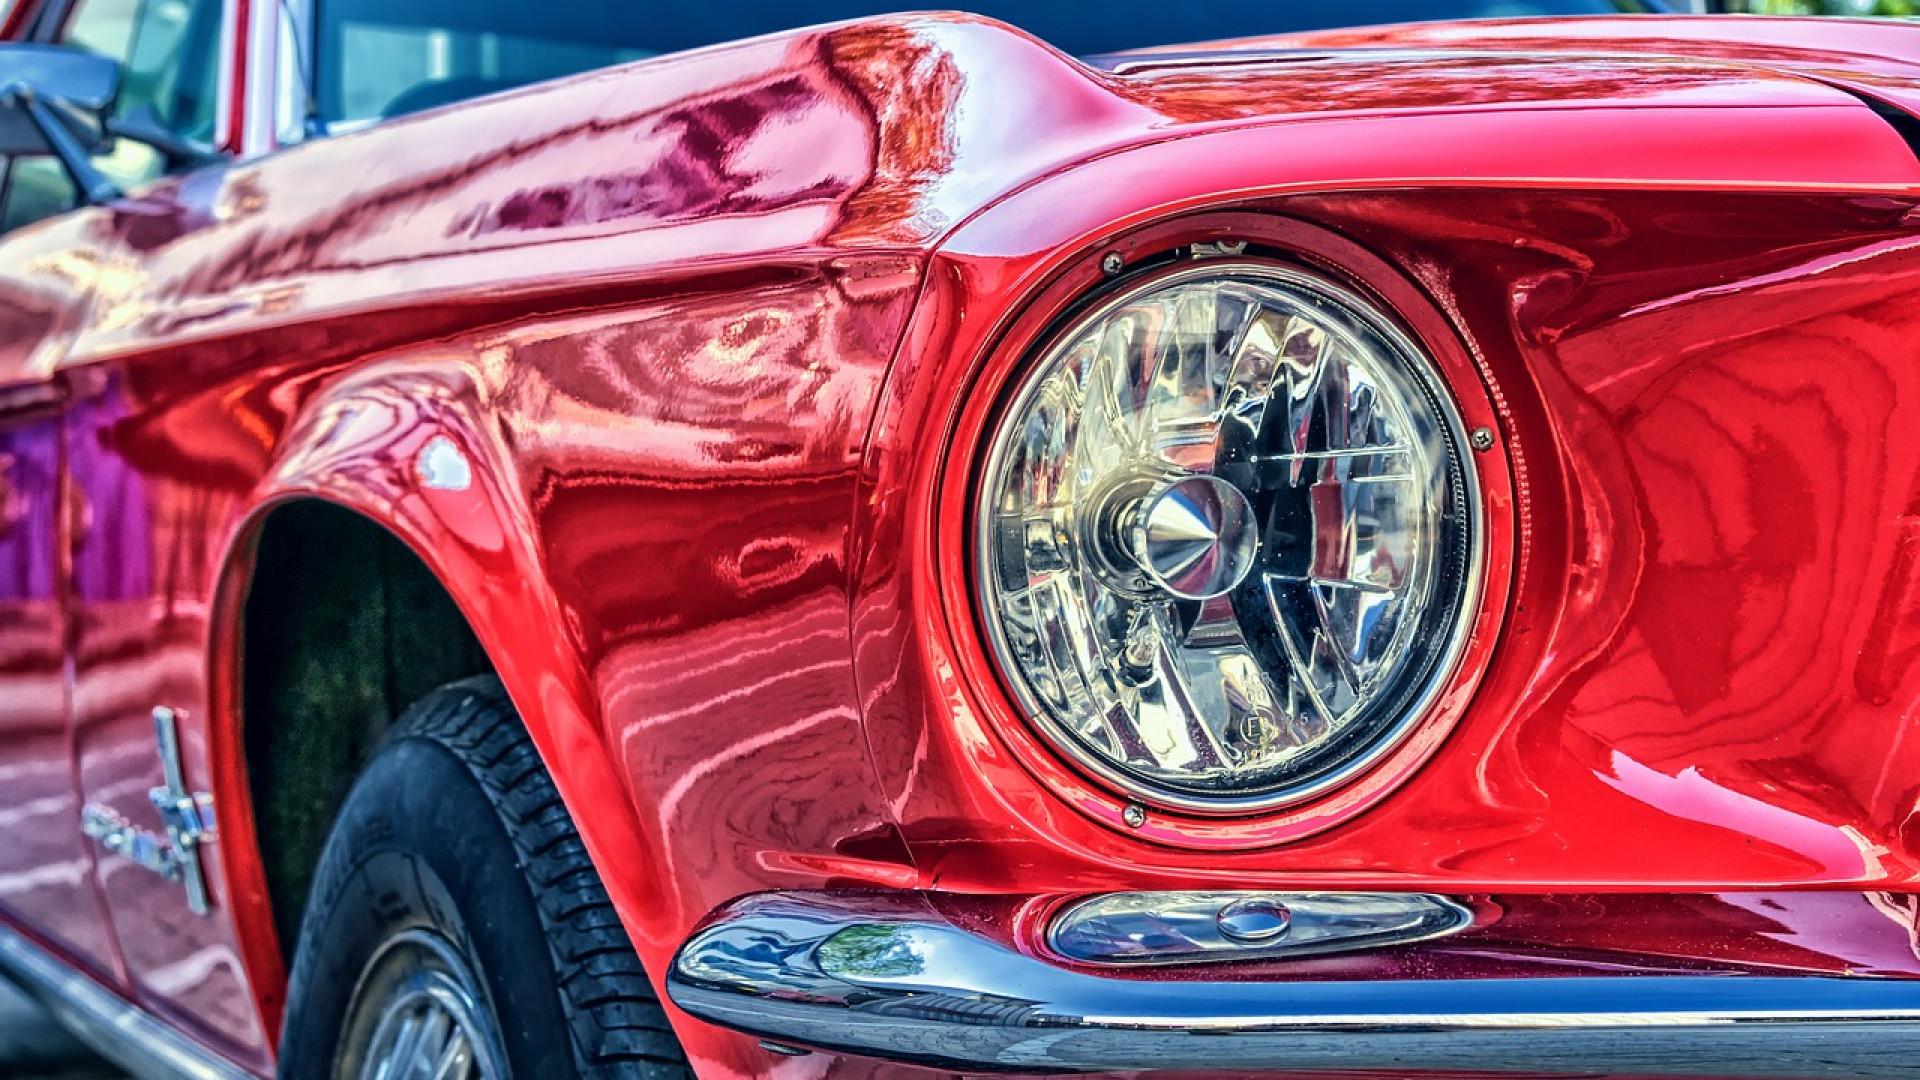 Quelle ampoule choisir pour votre voiture ?